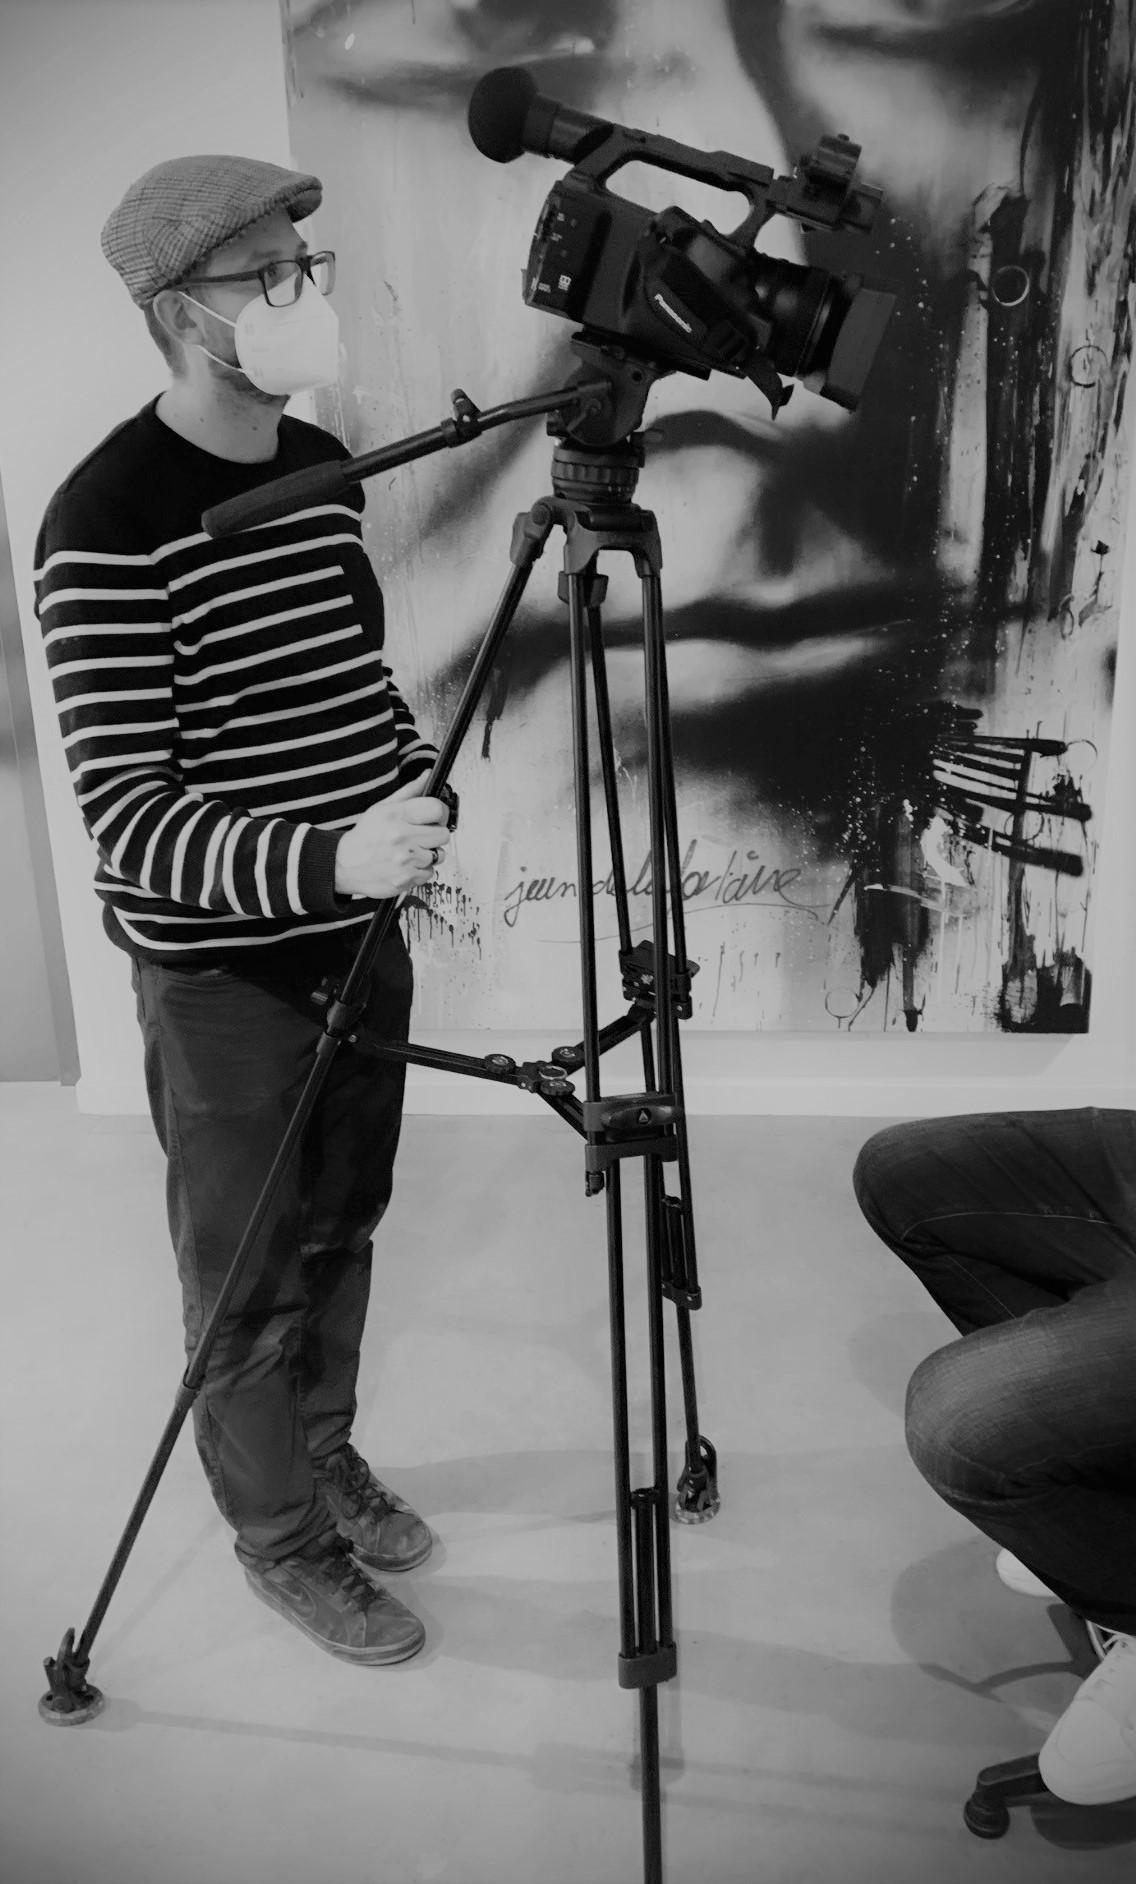 cadreur-cameraman-professionnel-enregistrement-plateauTV-salle-phonique-Oise-lacroiseedespossibles